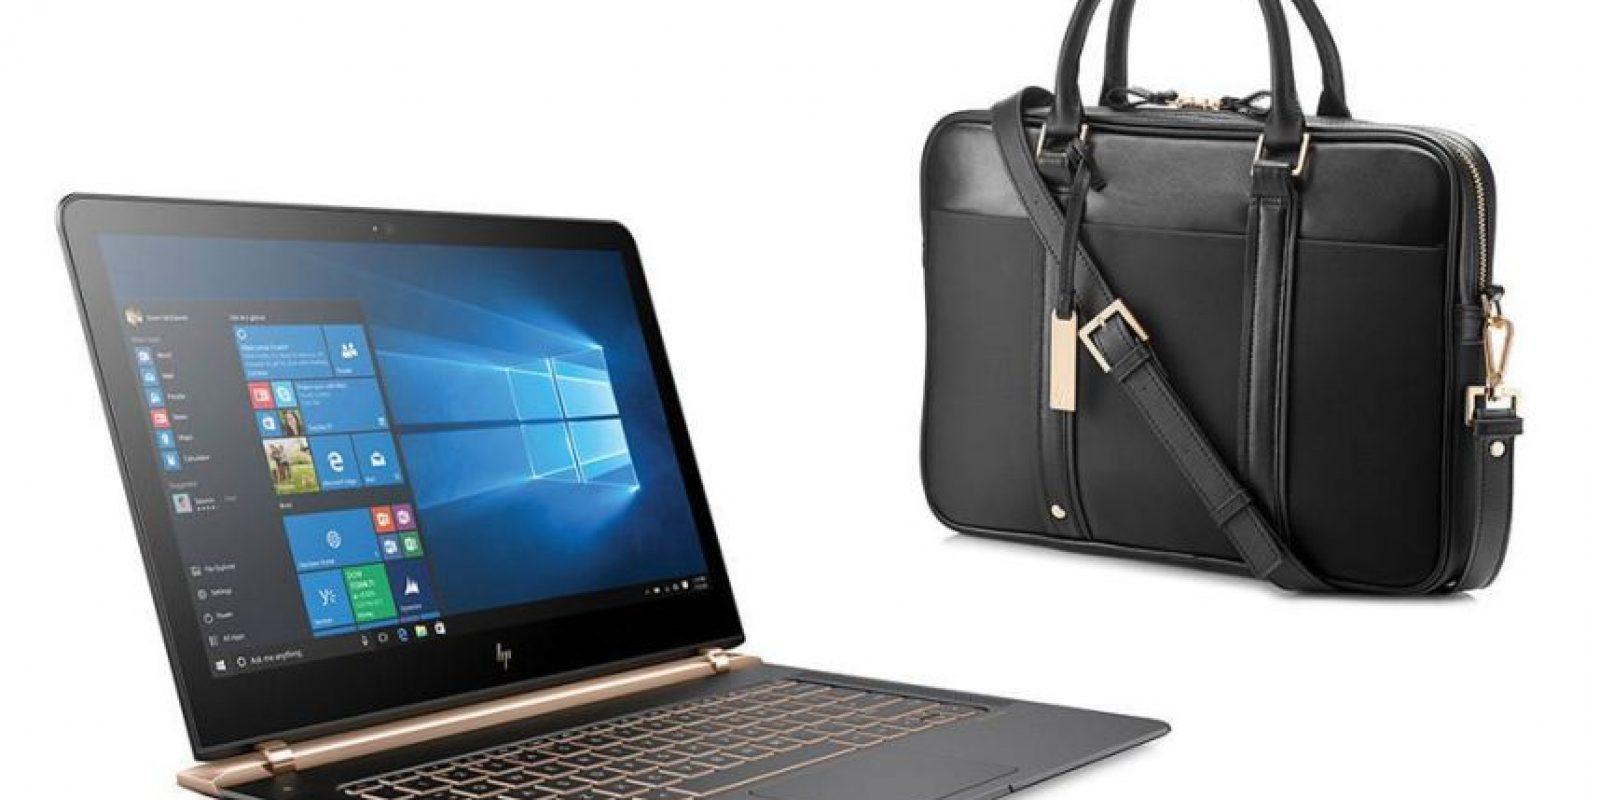 HP Laptop Spectre Notebook 13-V001LA. Uno de los equipos más delgados disponibles (10.4 milímetros) que destaca por sus acabados, cuerpo de aluminio y fibra de carbono, sistema de enfriamiento hiperbárico y su pantalla de 13.3 pulgadas Full HD ultra resistente con Gorilla Glass. Su precio aproximado es de 28 mil 999 pesos, aunque las encuentras en 26 mil 99 pesos en Liverpool (e incluye un maletín). Cuenta con disco duro de estado sólido con 256 GB, memoria RAM de 8 GB y procesador Intel Core i5-6200U con turbo boost para un velocidad de hasta 2,8 GHz. Foto:Especial